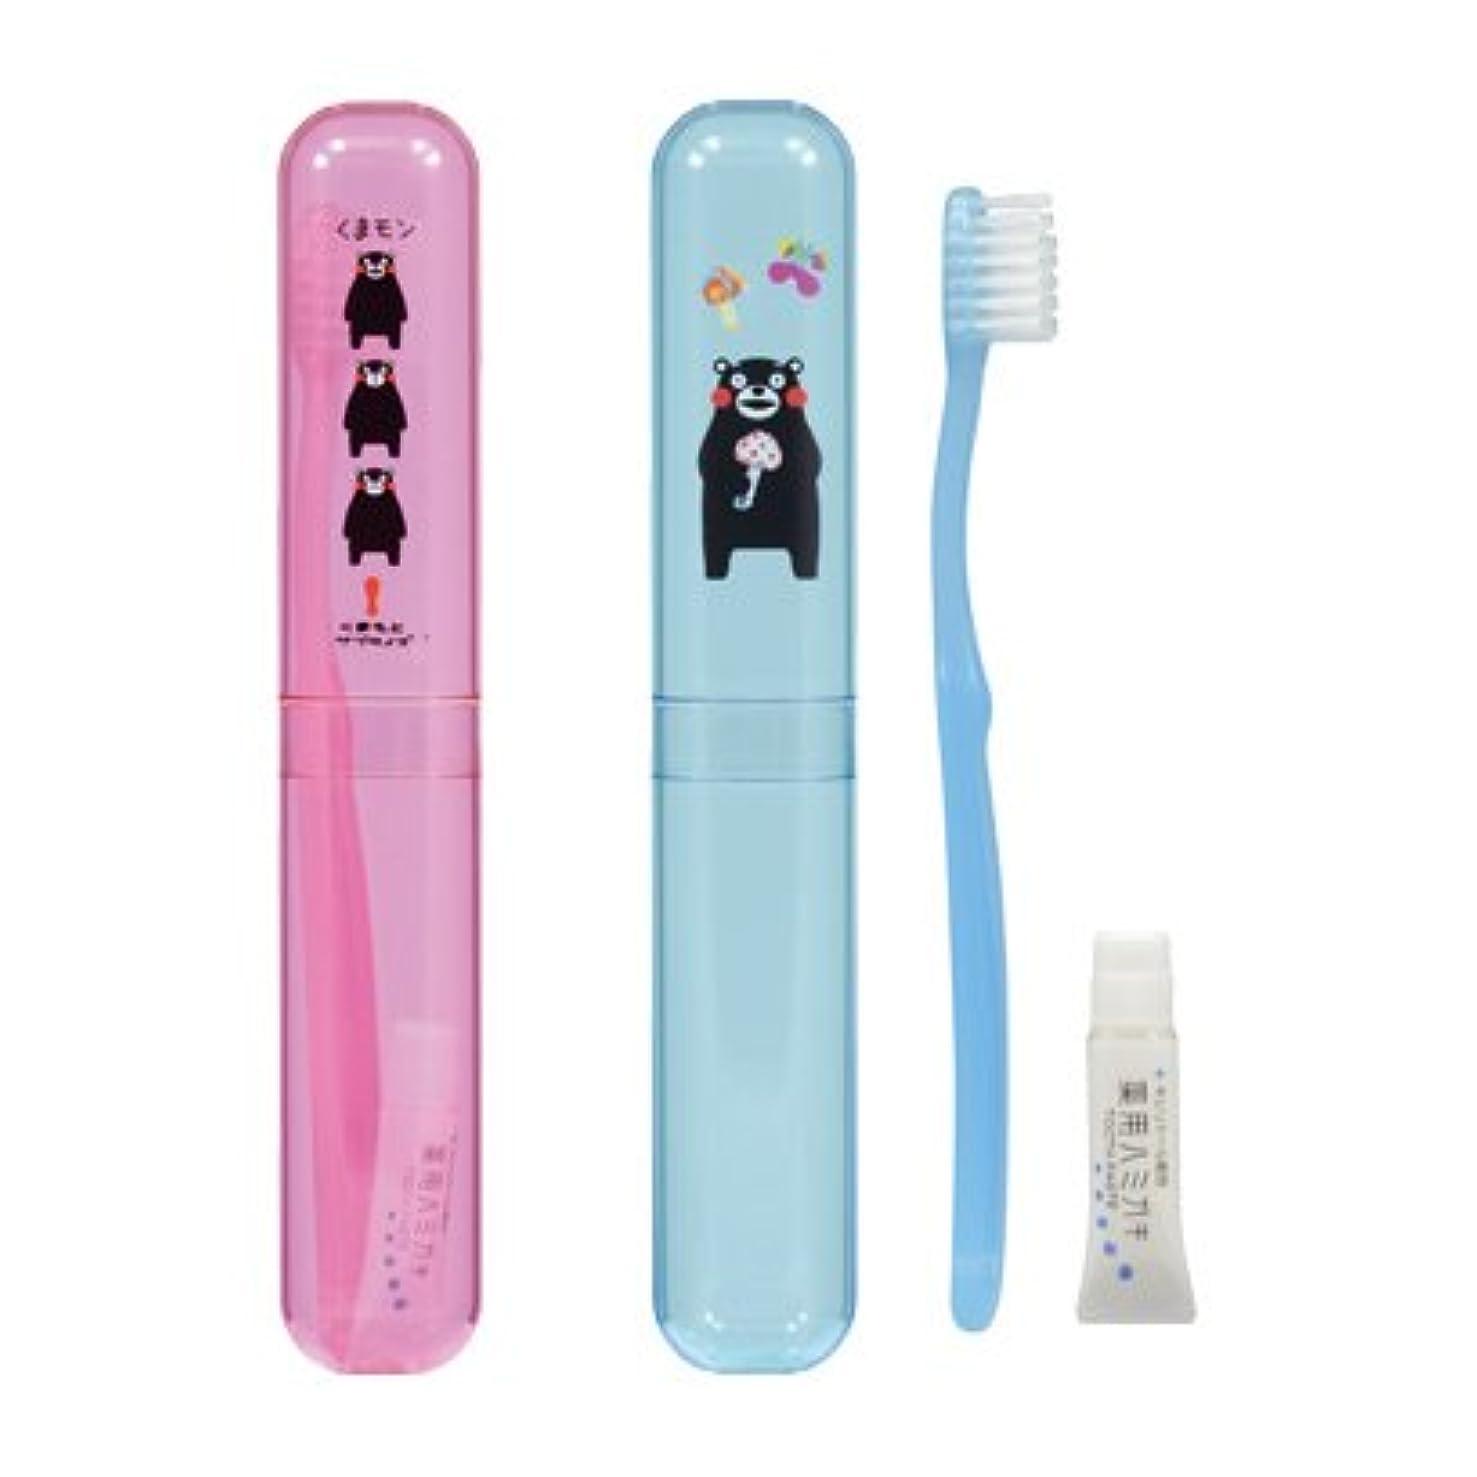 窒素教師の日時計くまモン ケース付歯ブラシ 大人用 (ブルー)